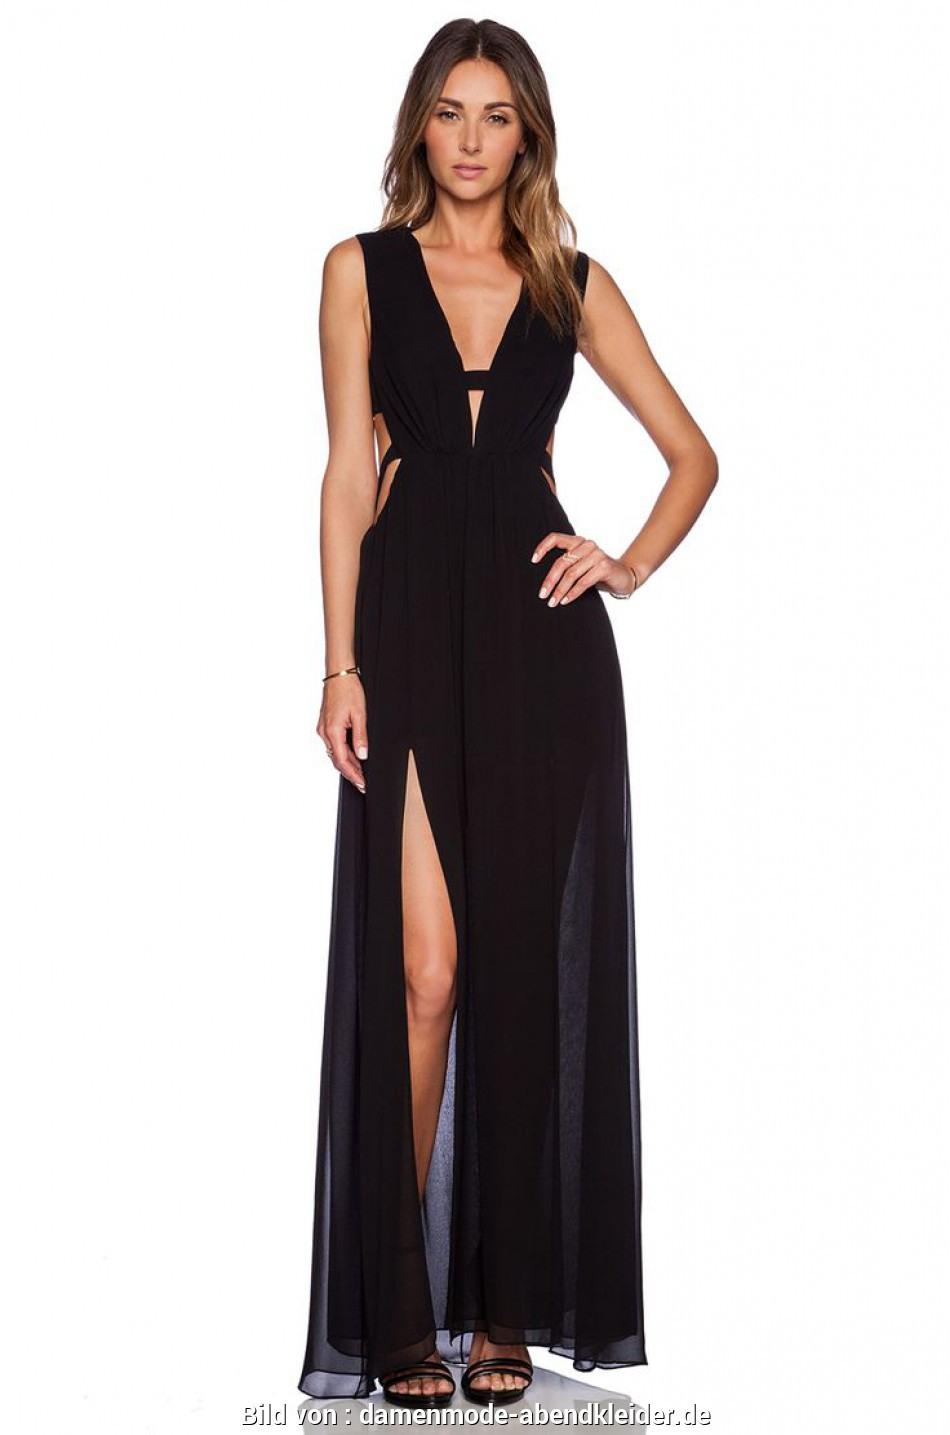 20 Cool Abendkleid Für Kleine Frauen ÄrmelDesigner Coolste Abendkleid Für Kleine Frauen Boutique